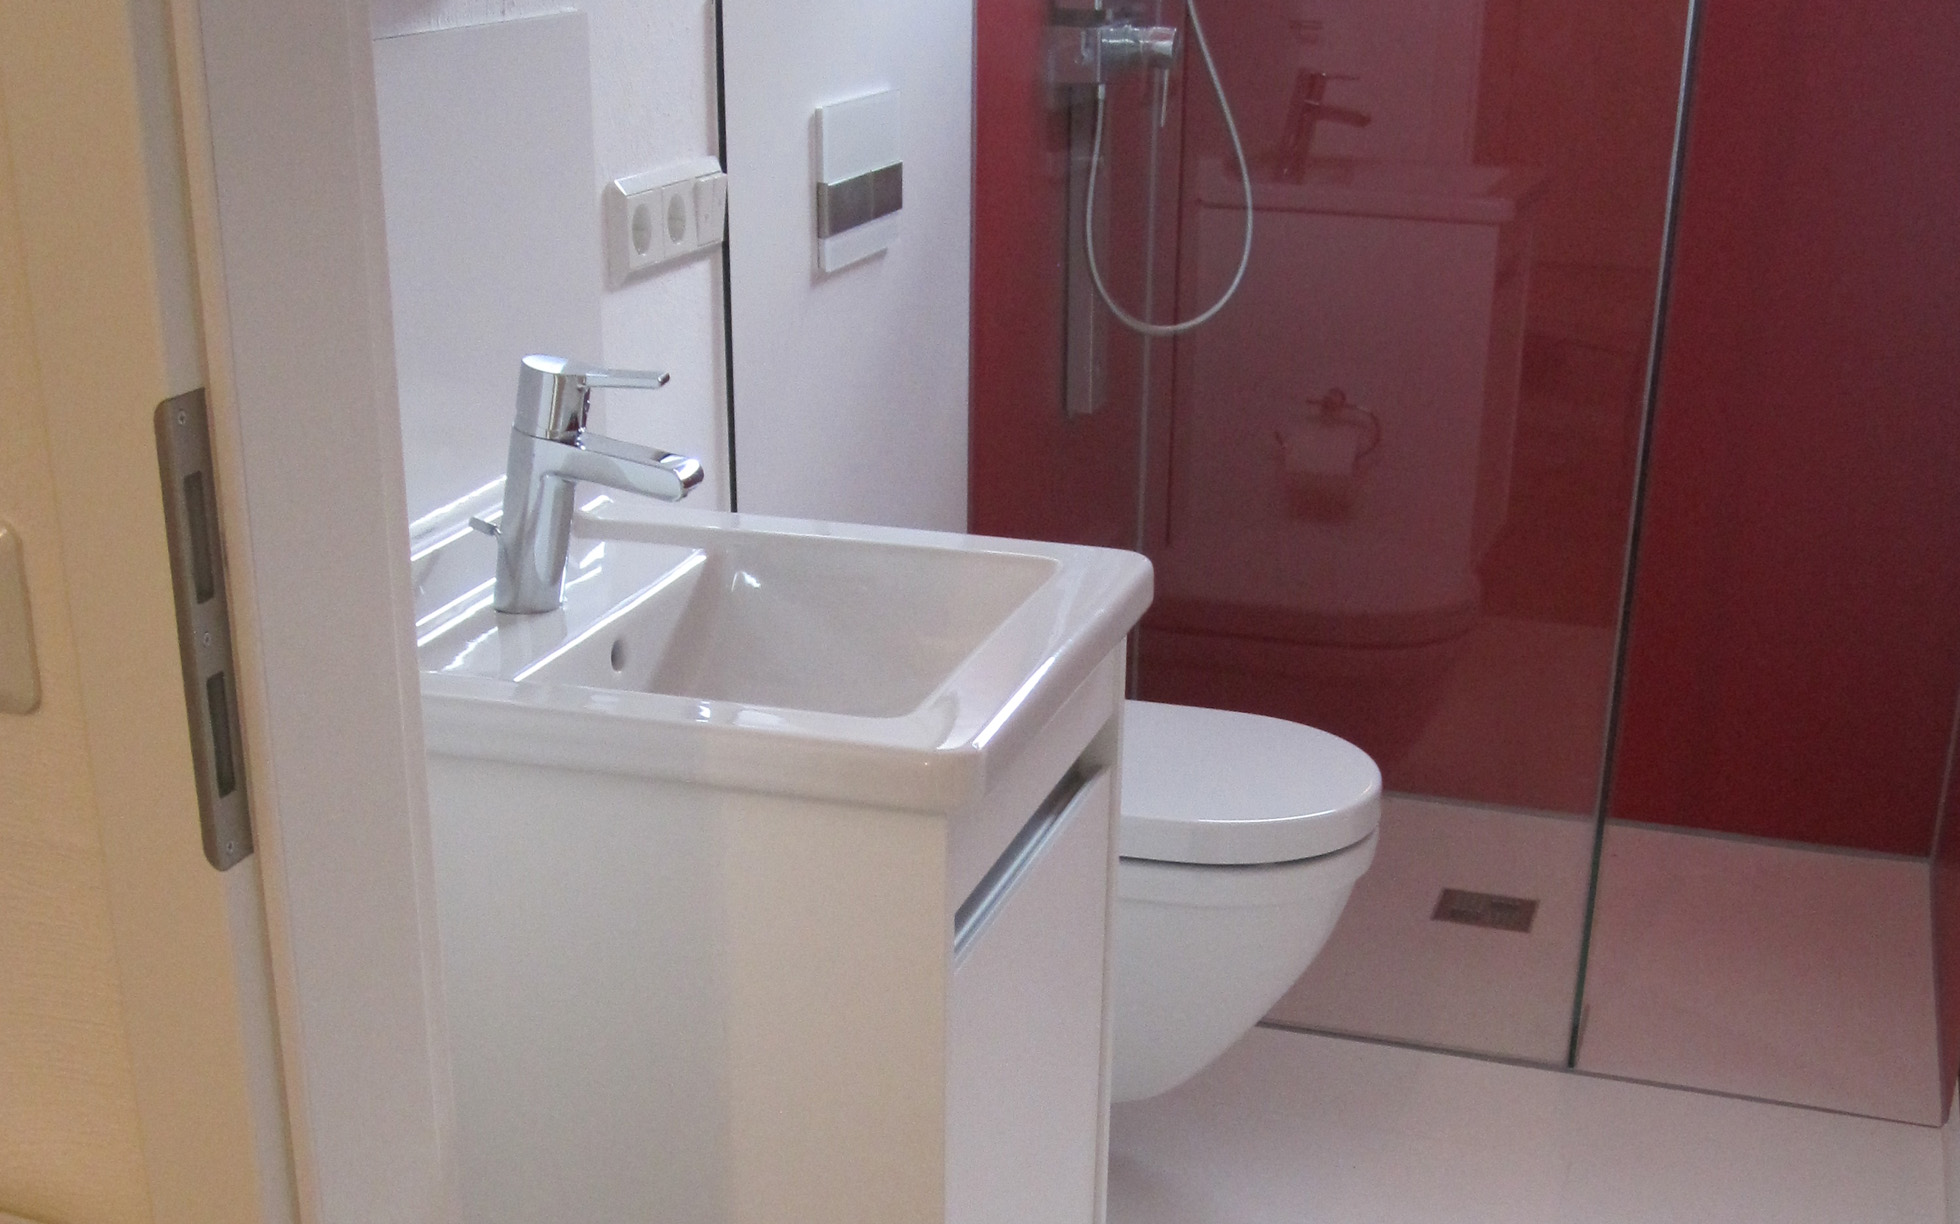 container ausstattungen ✓ badezimmer, Badezimmer